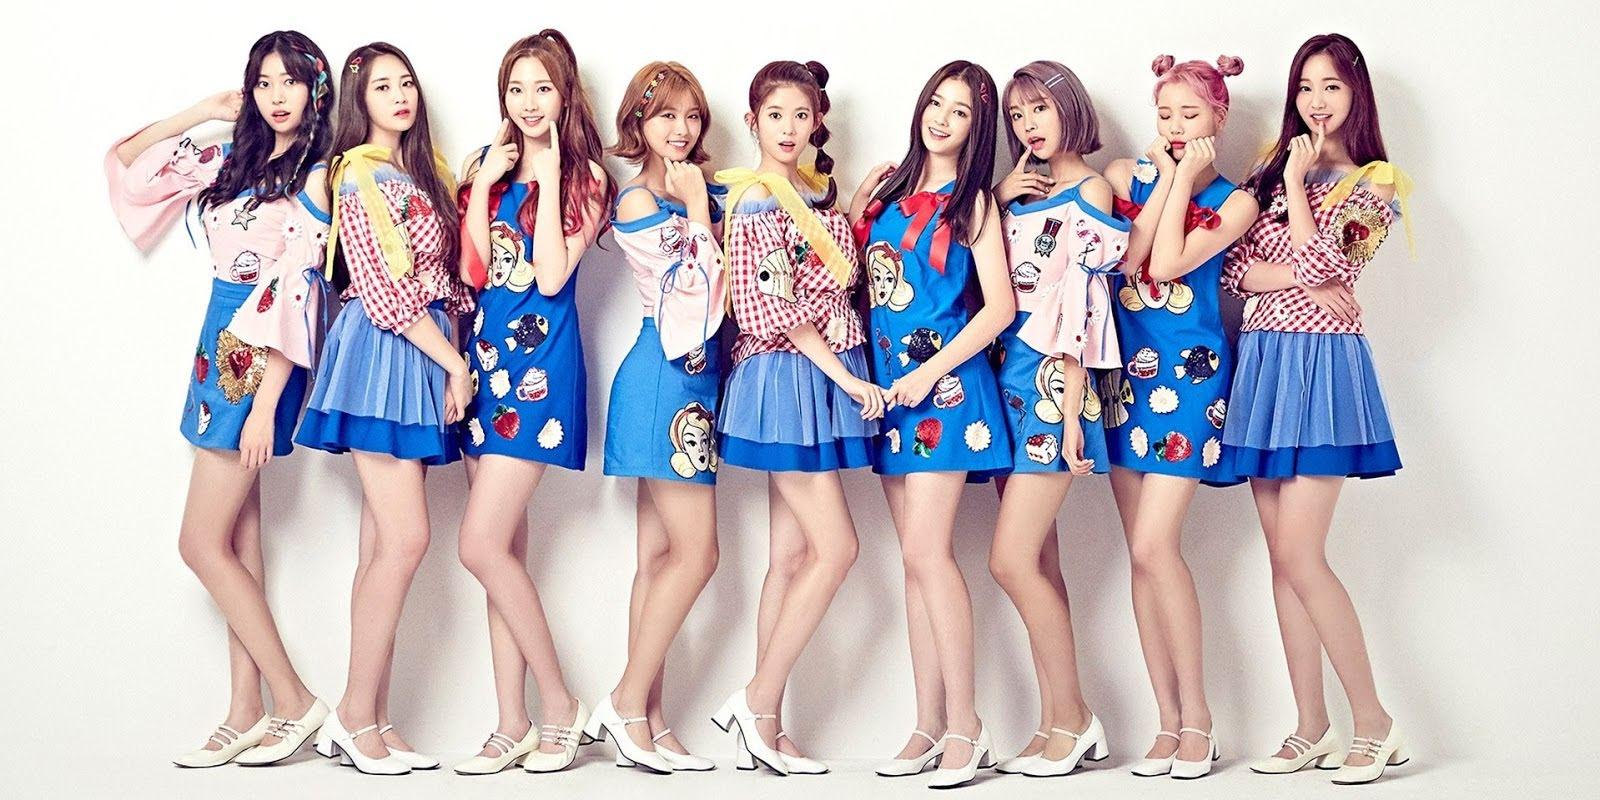 韩国女团身高差异排名 最高最矮的是谁 谁在170以上160以下